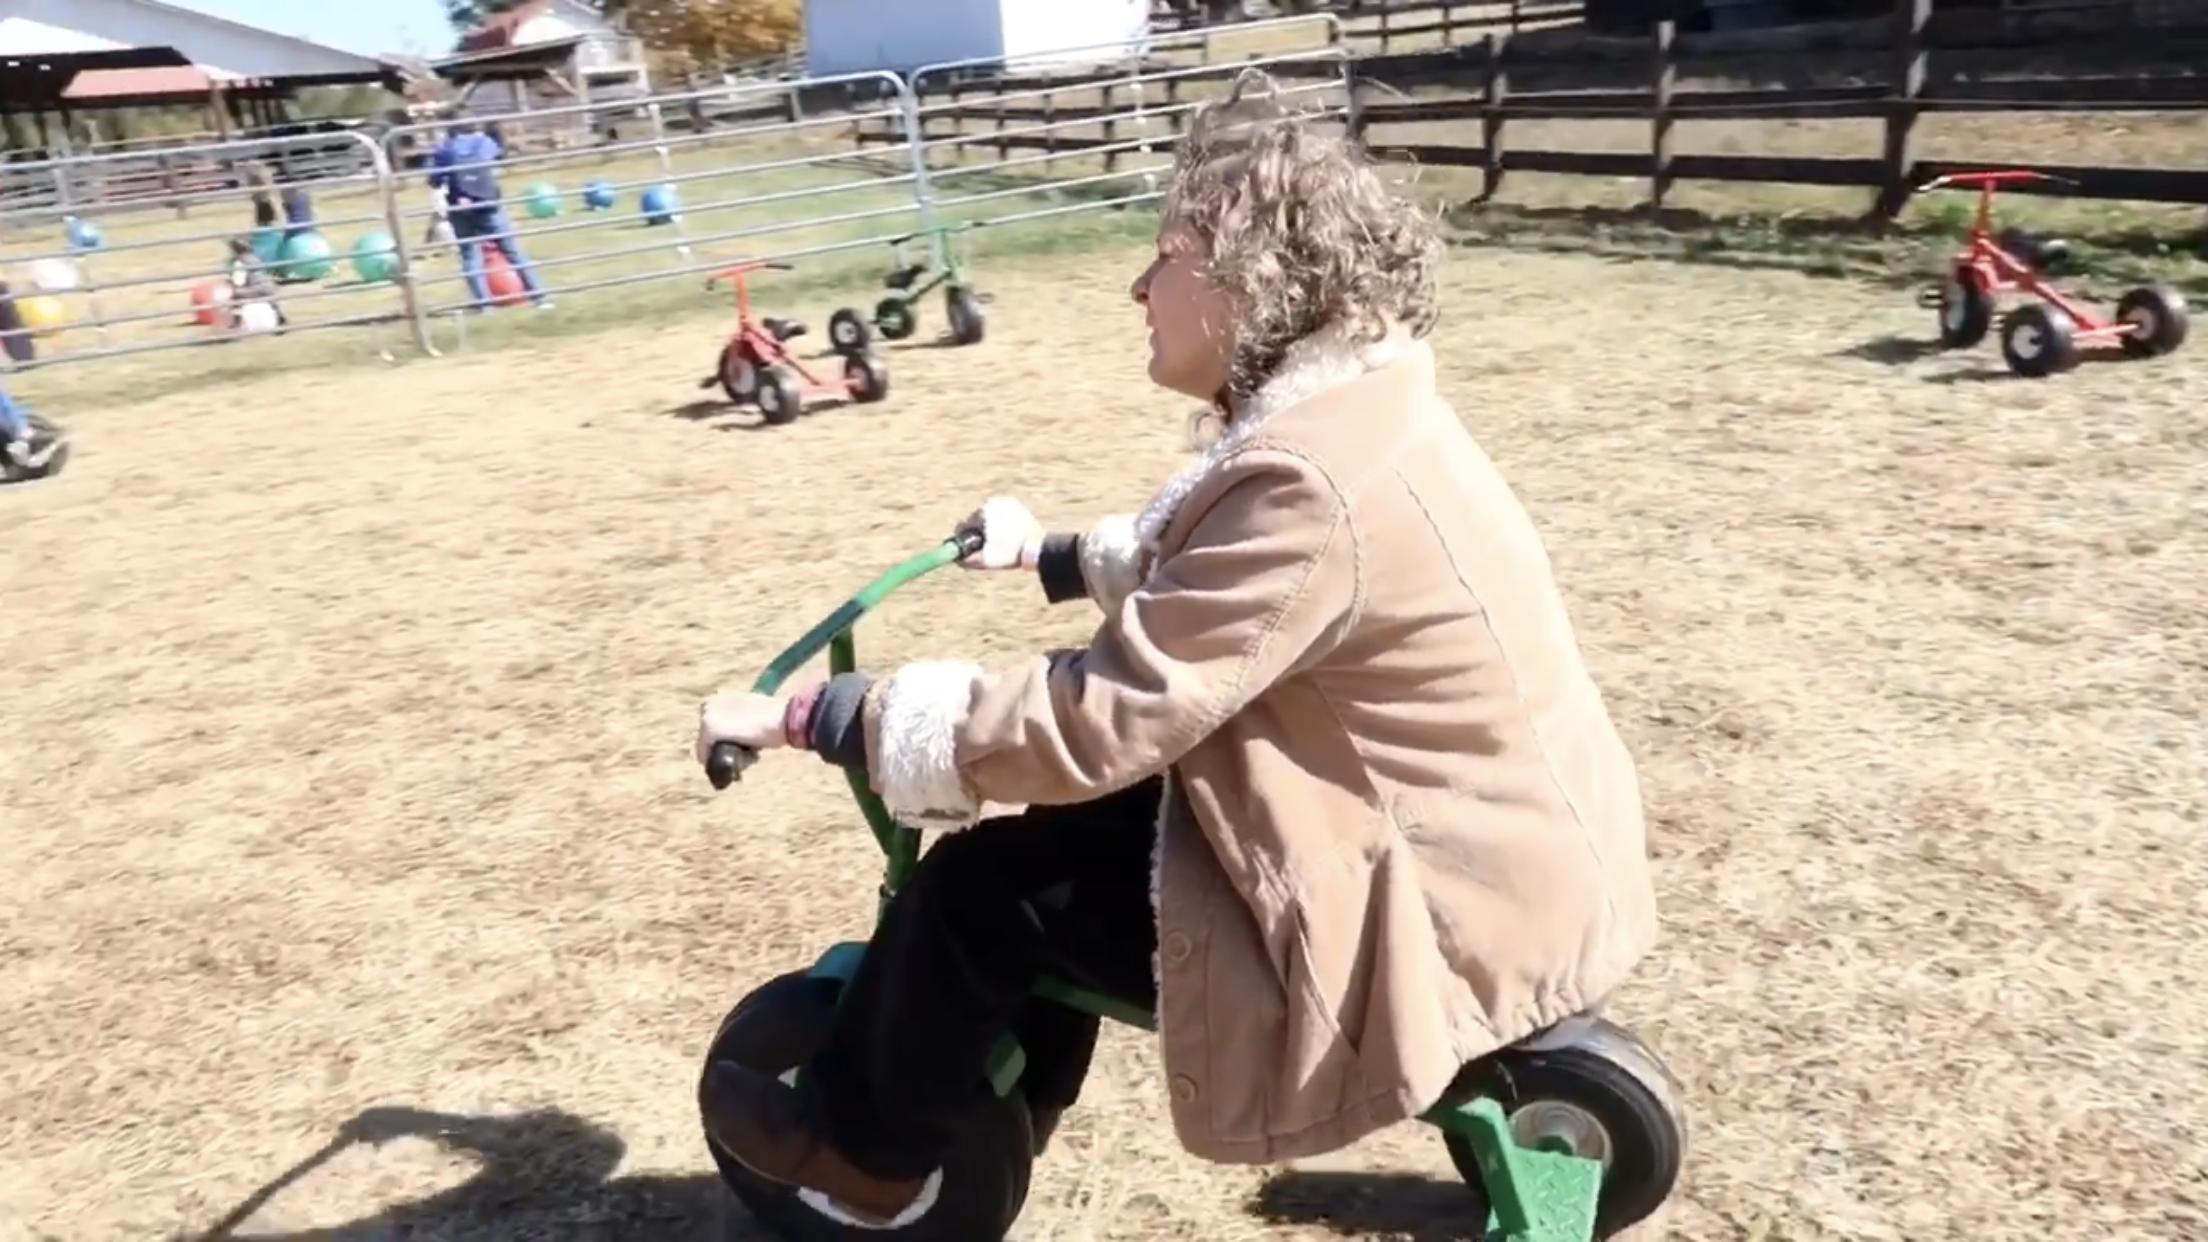 Jess riding a trike